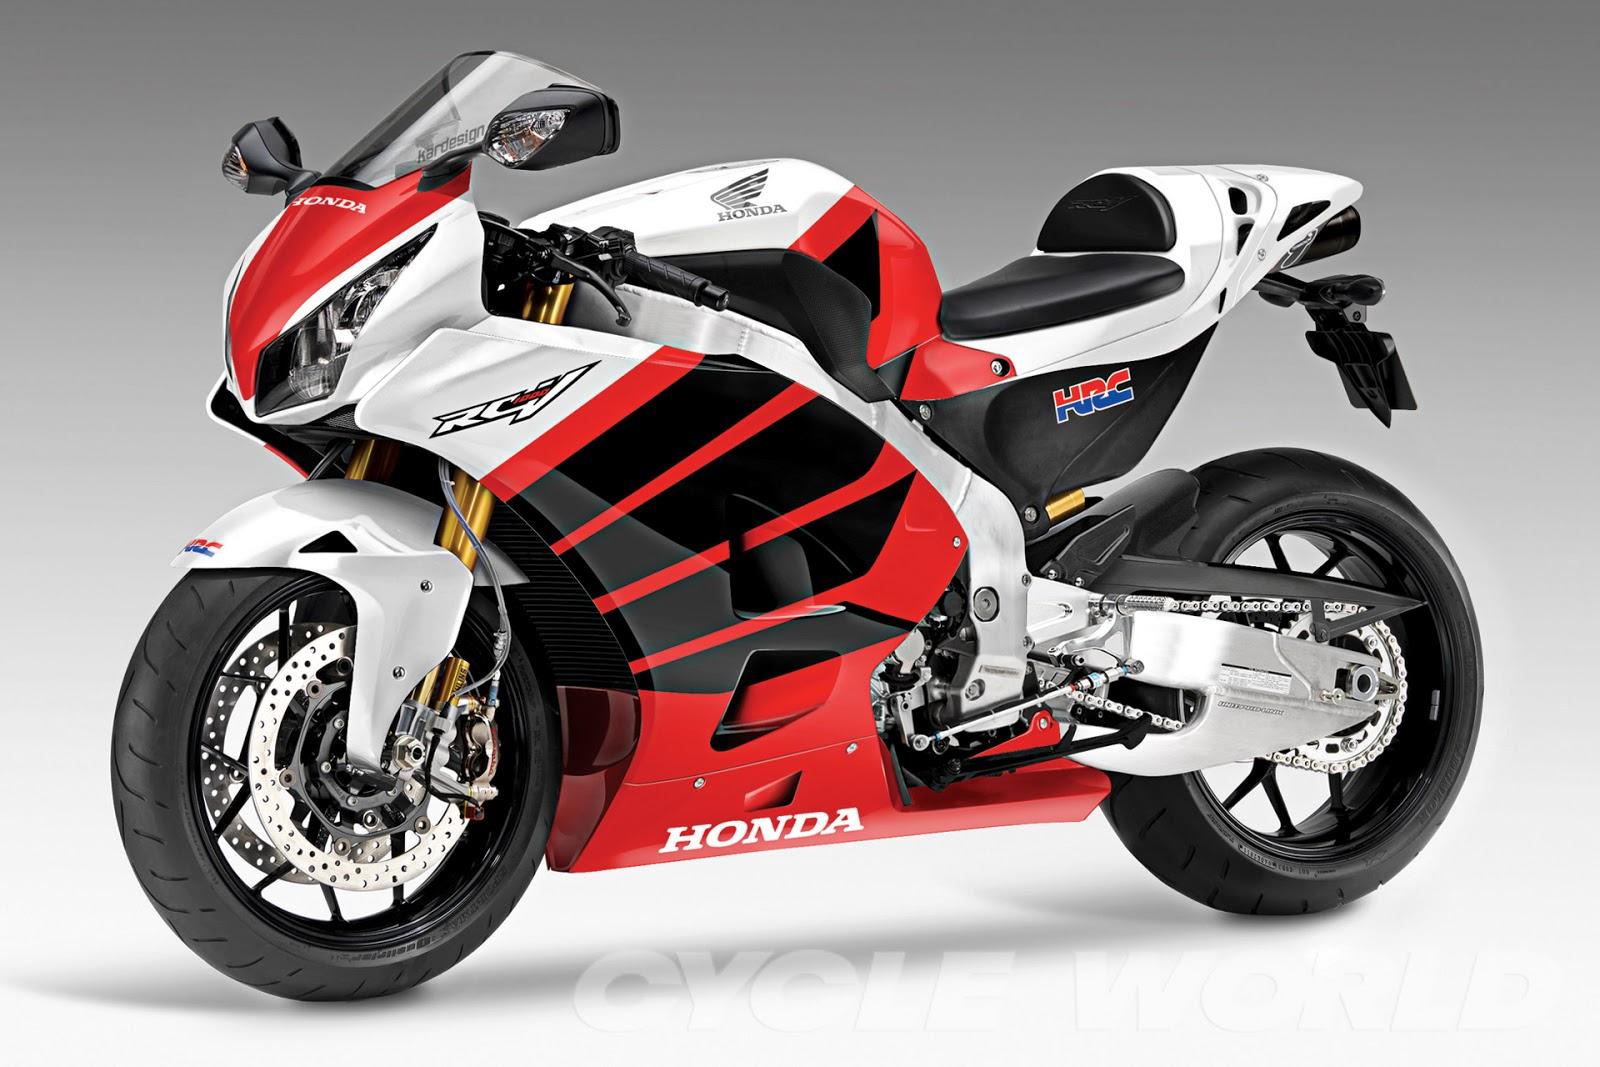 Heavy World Bikes Honda Bikes All Models